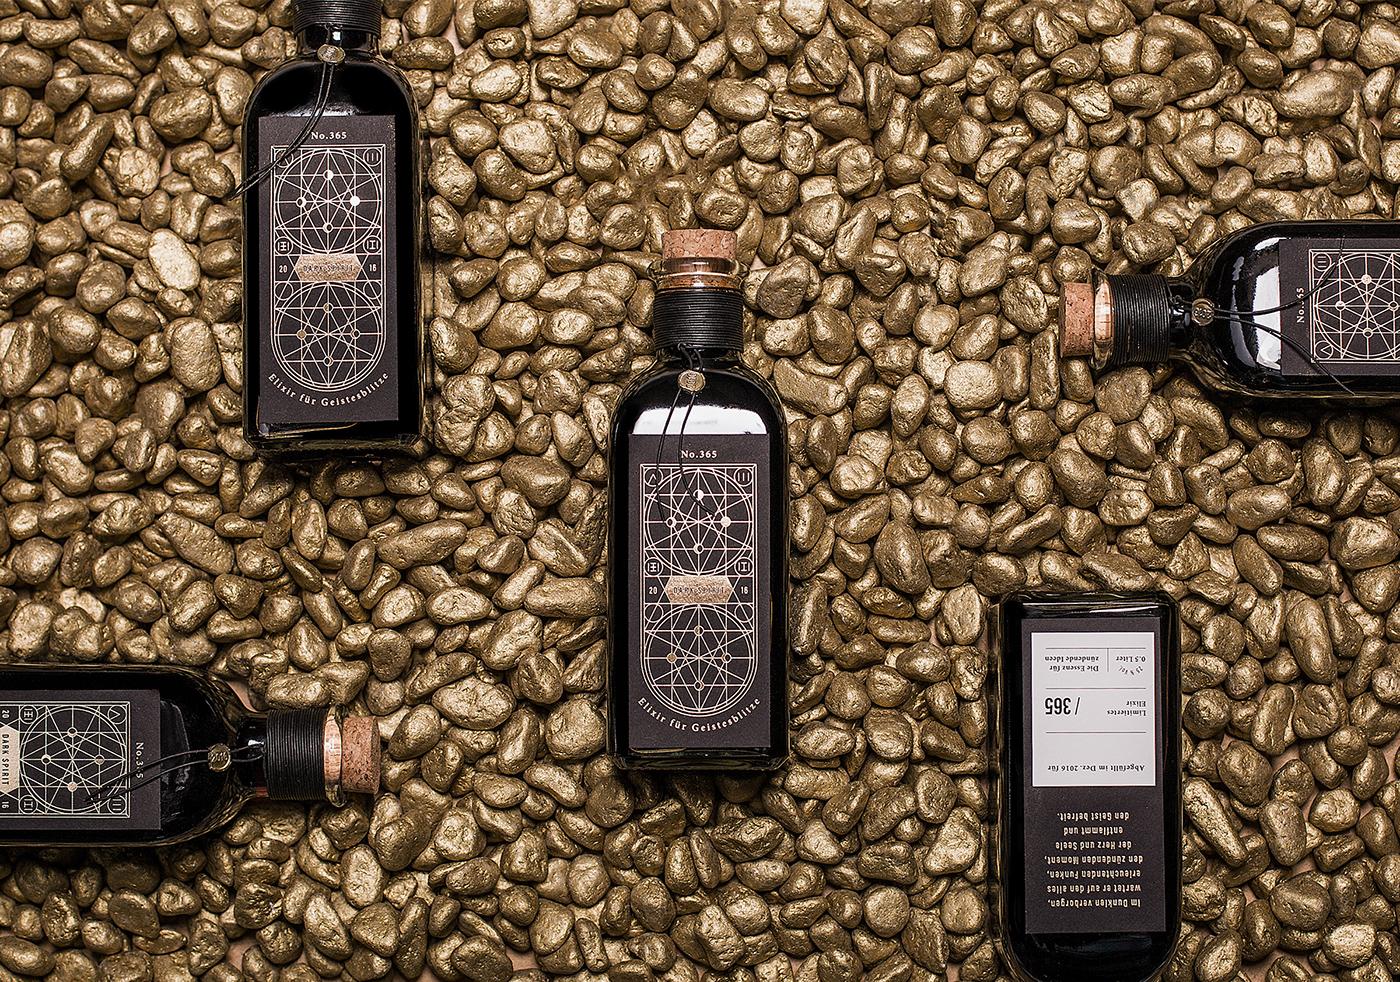 liquor Packaging bottle package design  gold Hot Foil alcohol beverage labeling